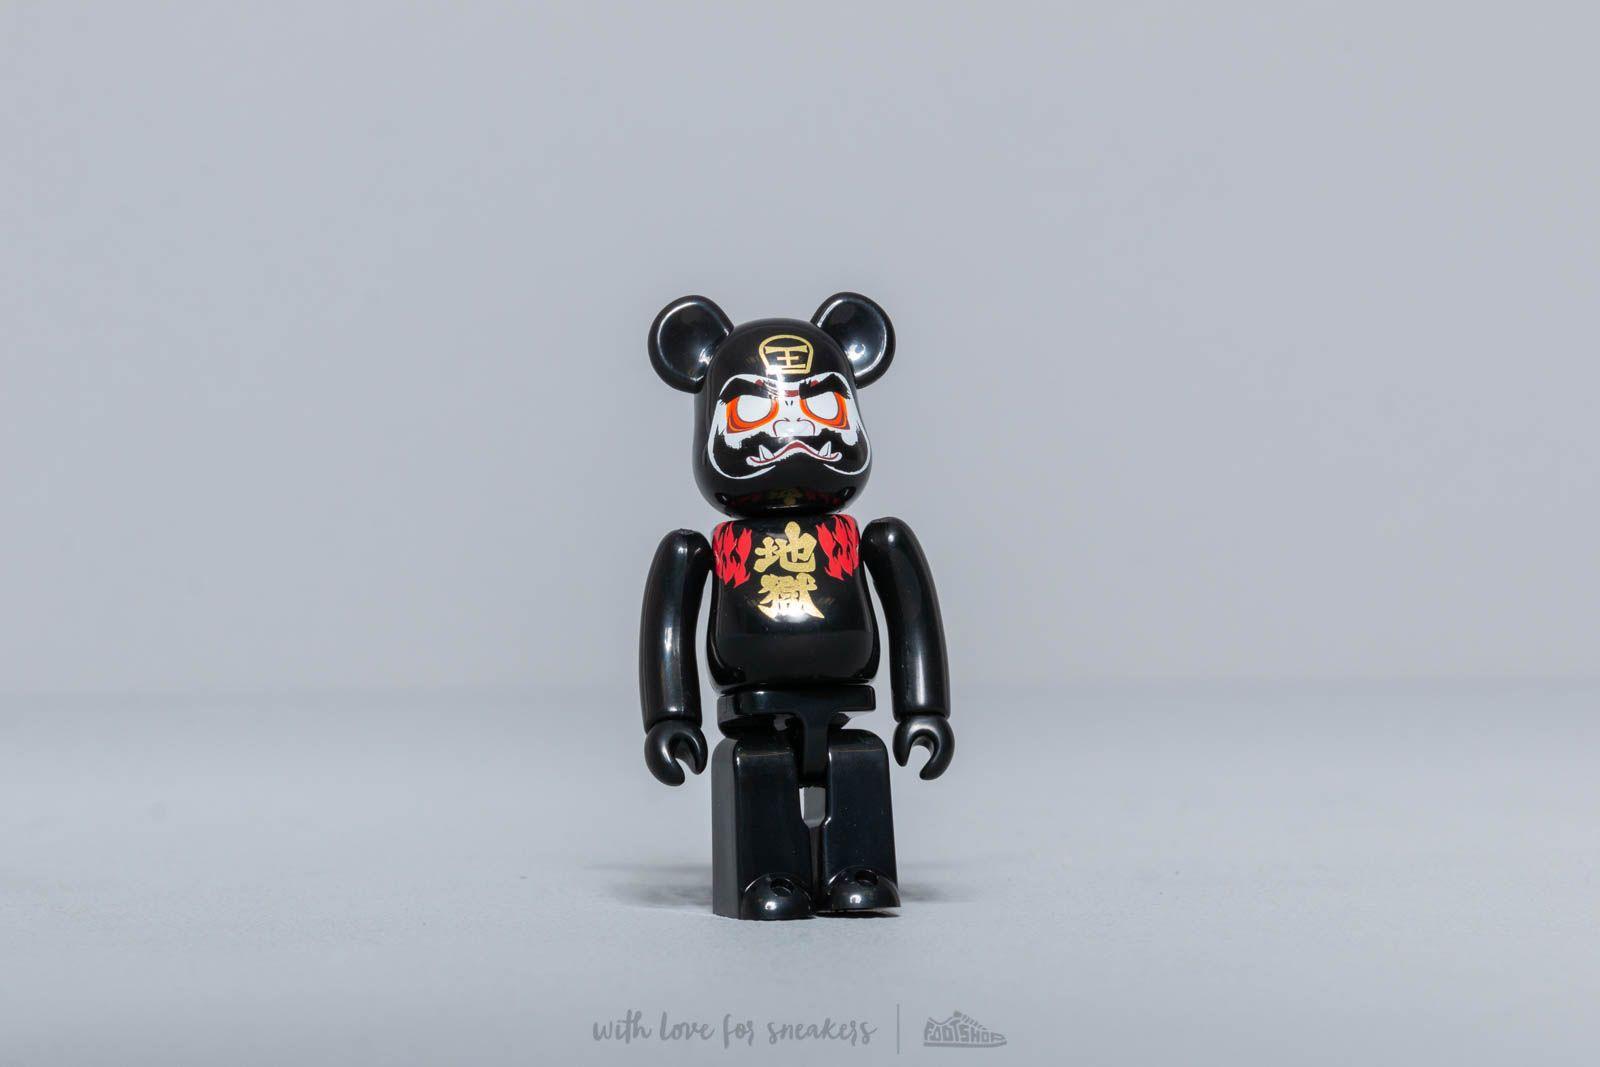 Medicom Toy Bearbrick Sick's Spec Hell Daruma 100% za skvelú cenu 26 € kúpite na Footshop.sk